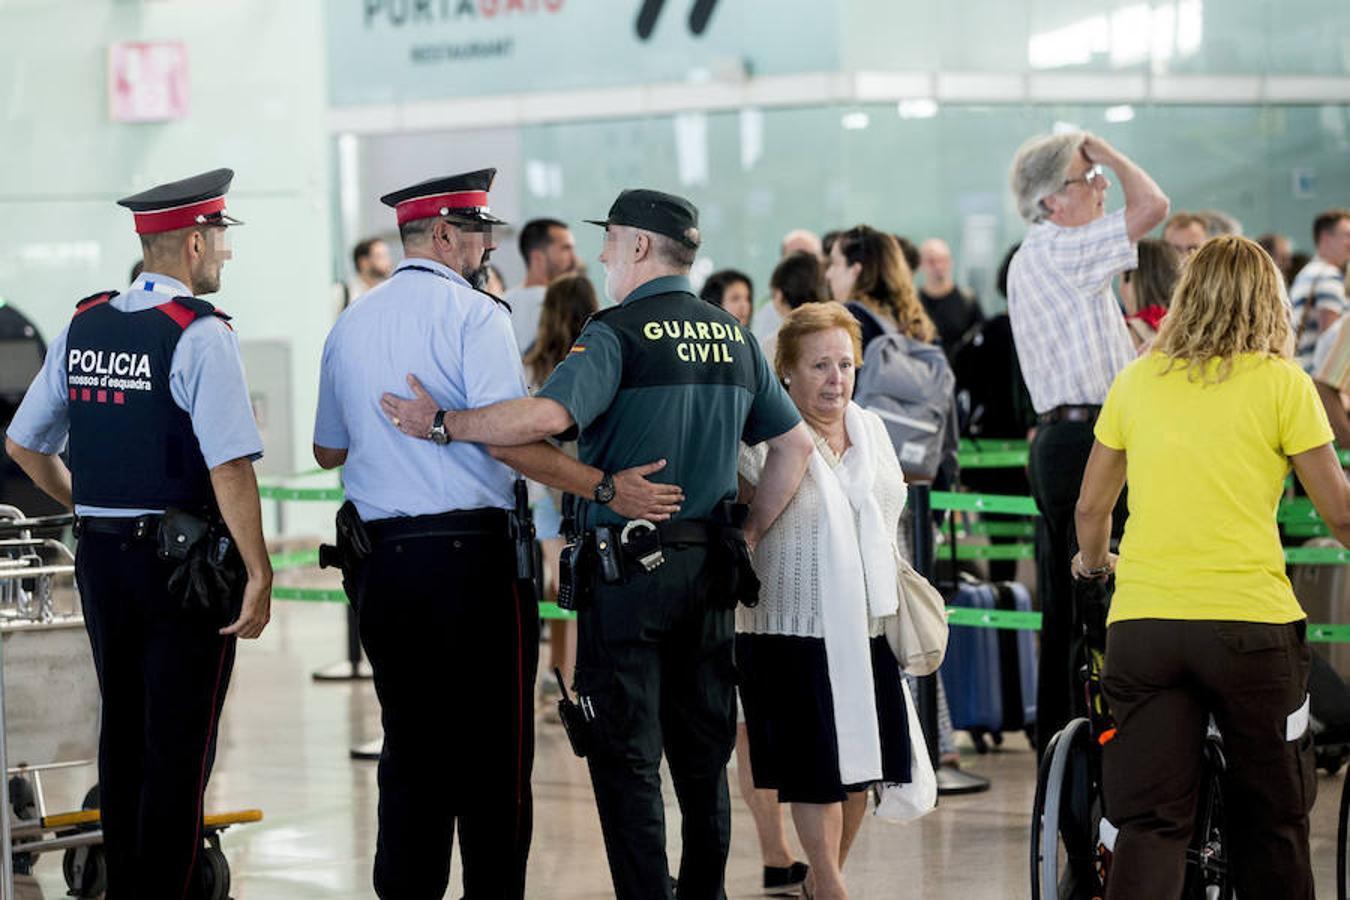 La Guardia Civil custodian los accesos a las puertas de embarque en el aeropuerto de Barcelona